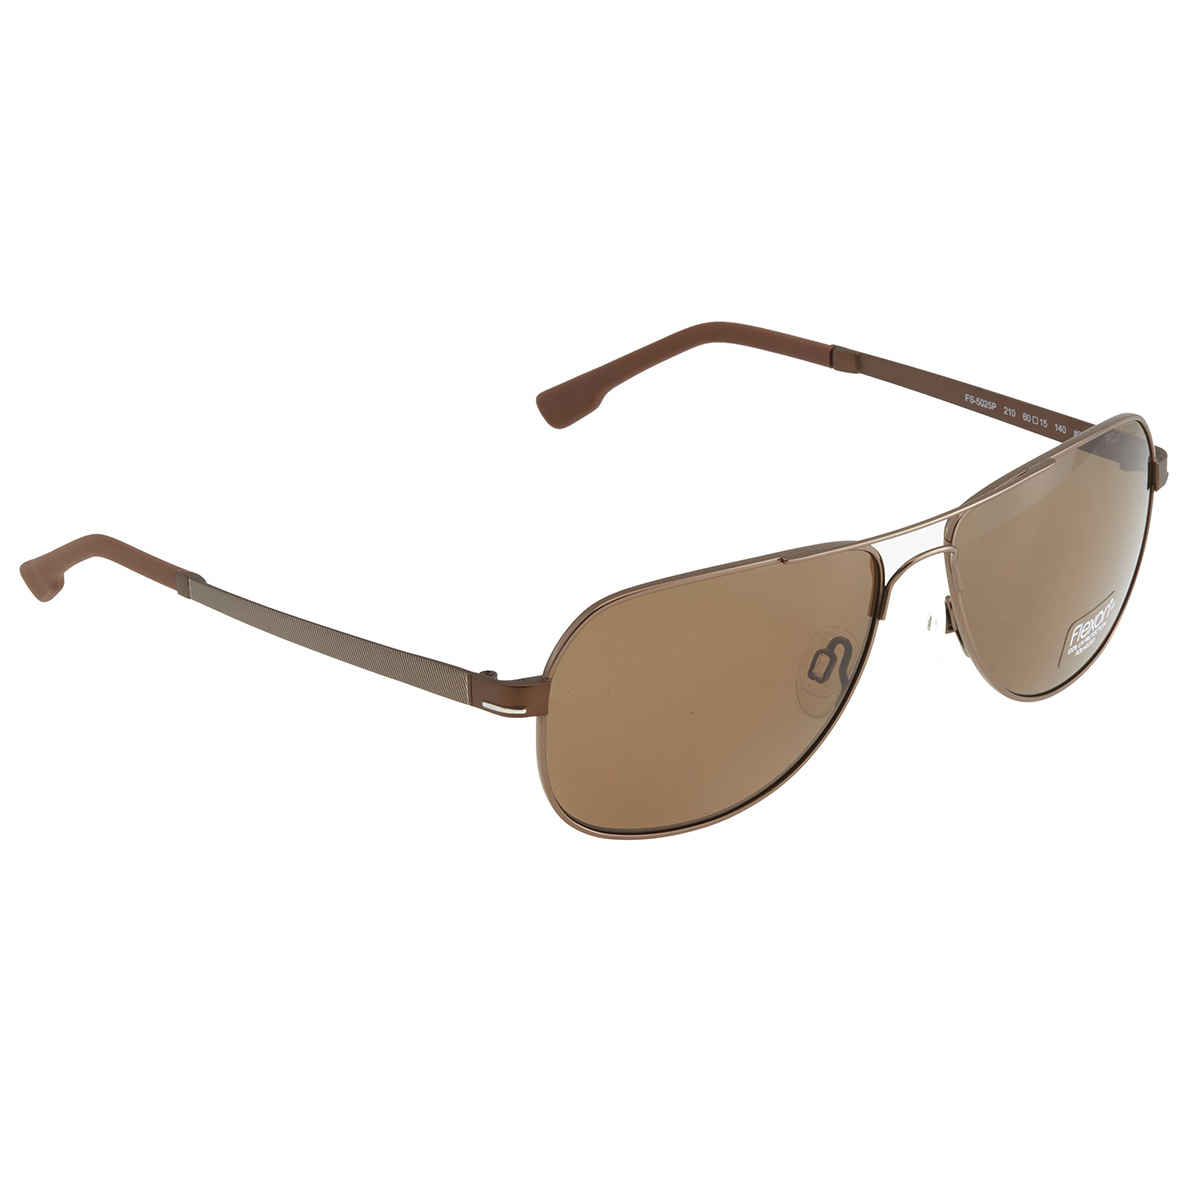 Flexon Square Mens Sunglasses Fs-5025p 210 60 In Brown